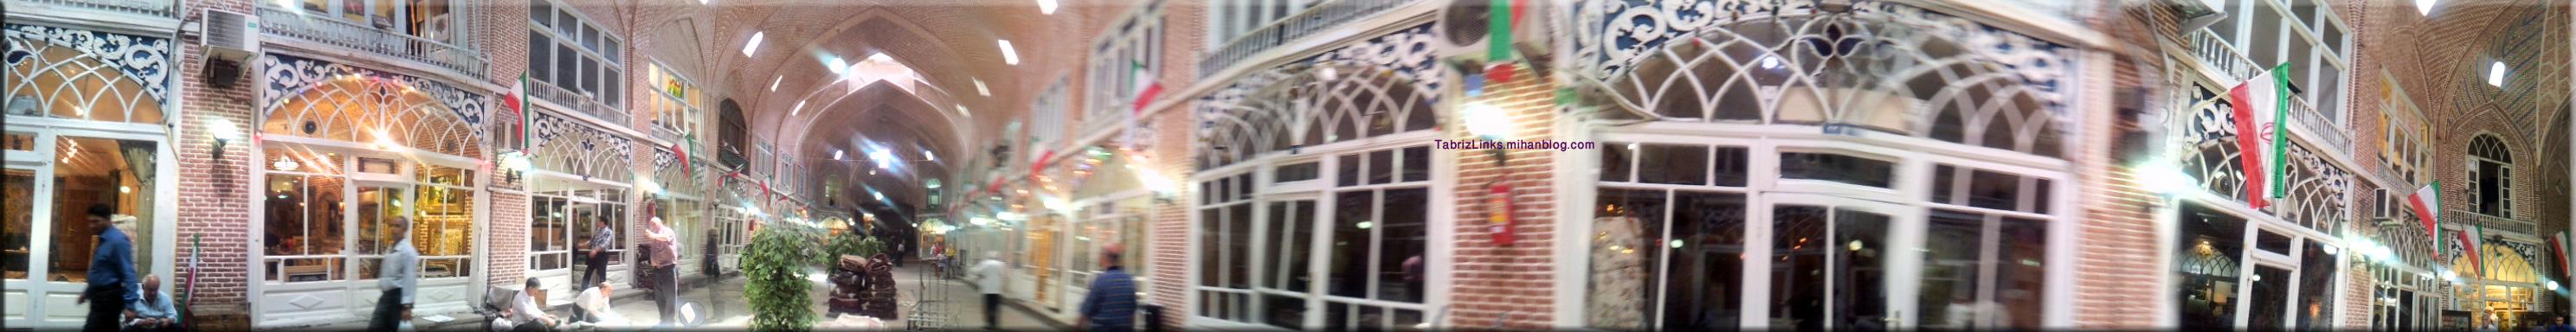 پانورامای بازار تاریخی تبریز